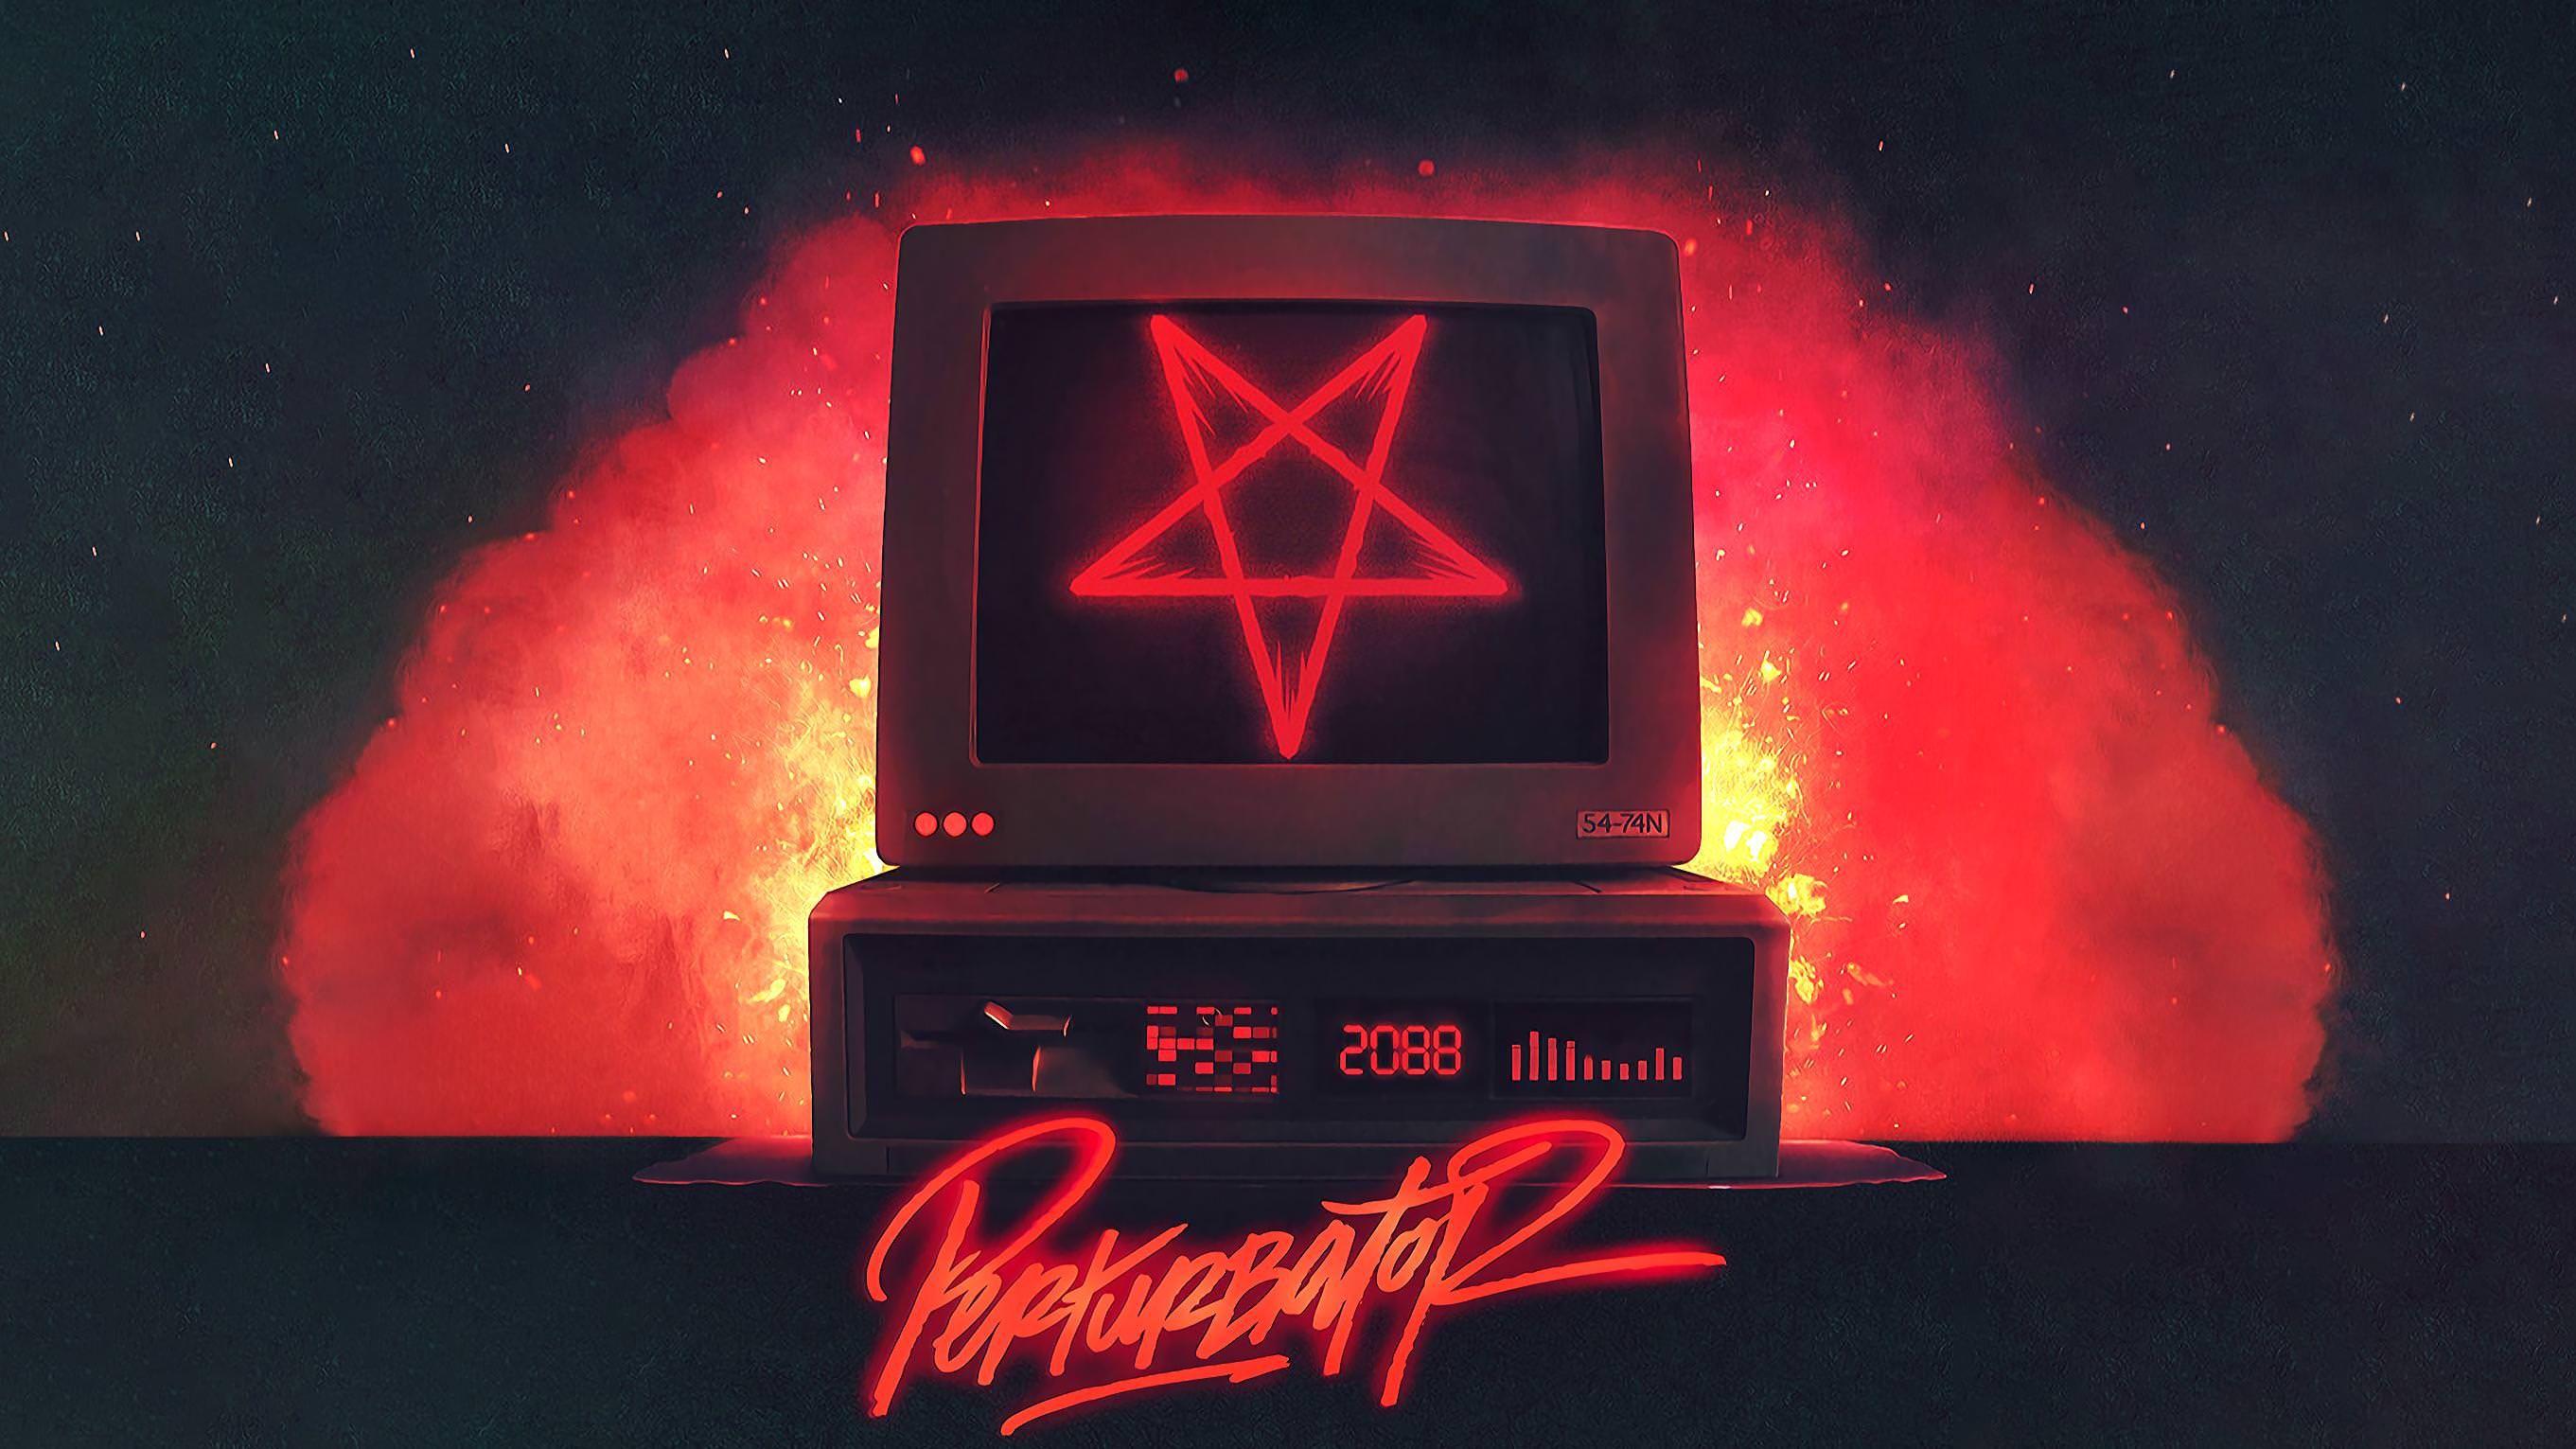 Perturbator Satan Is A Computer Wallpaper Pc Satan Computer Wallpaper